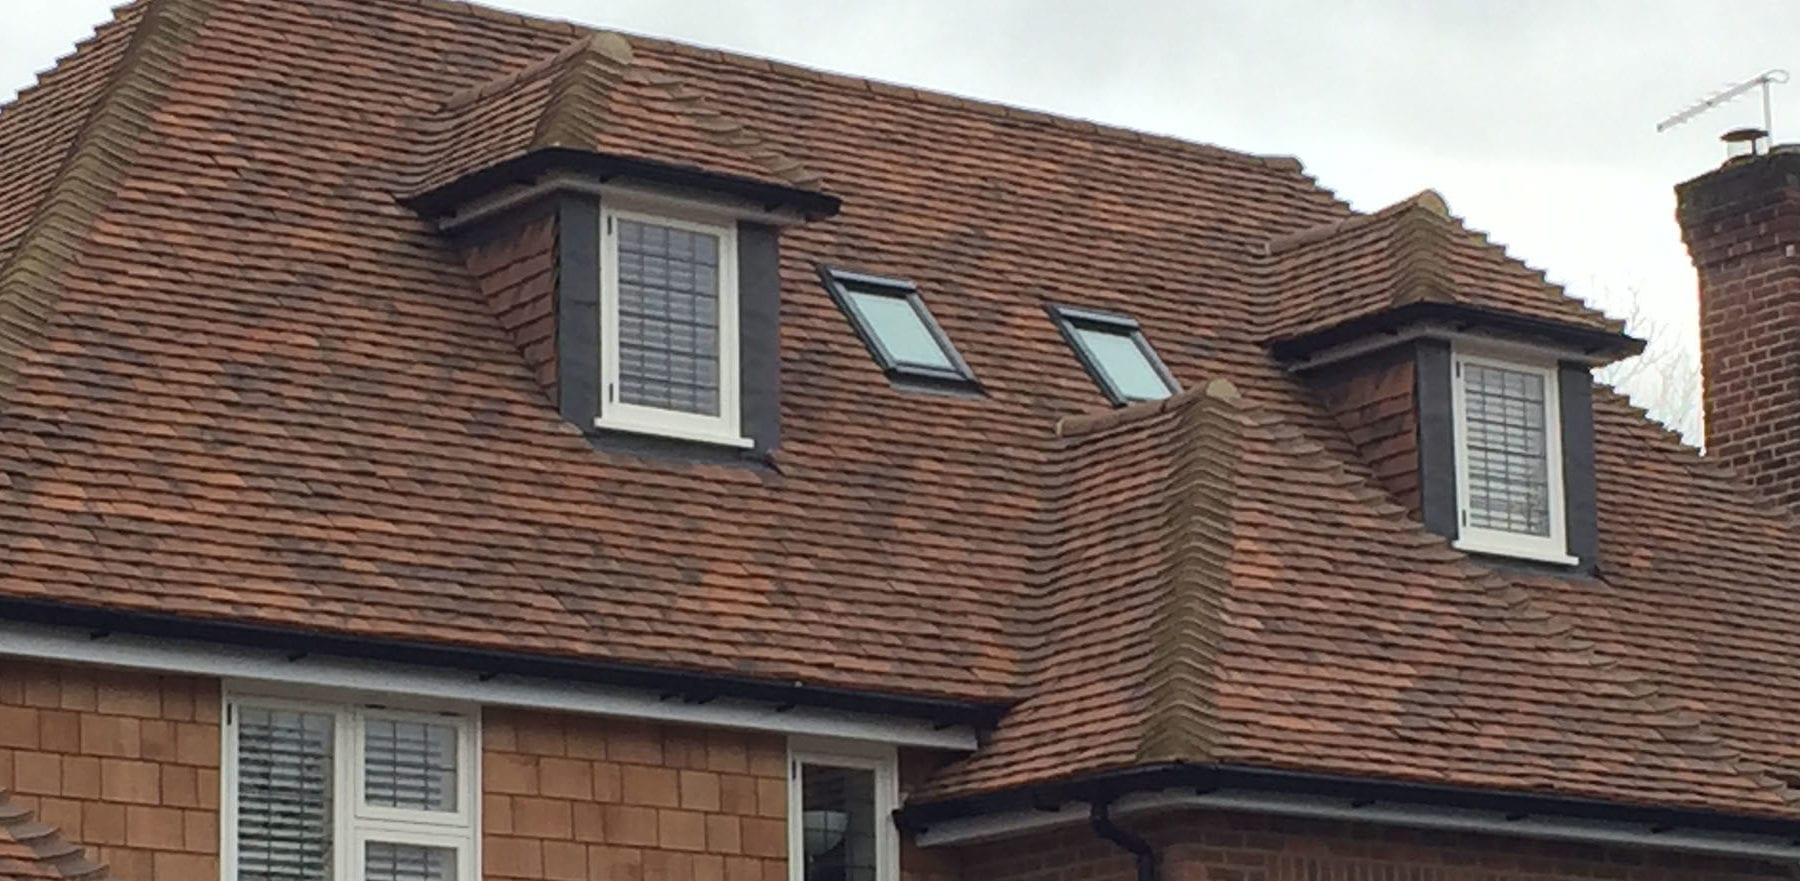 Lifestiles - Handmade Oakhurst Clay Roof Tiles - Hampton Hill, England 5